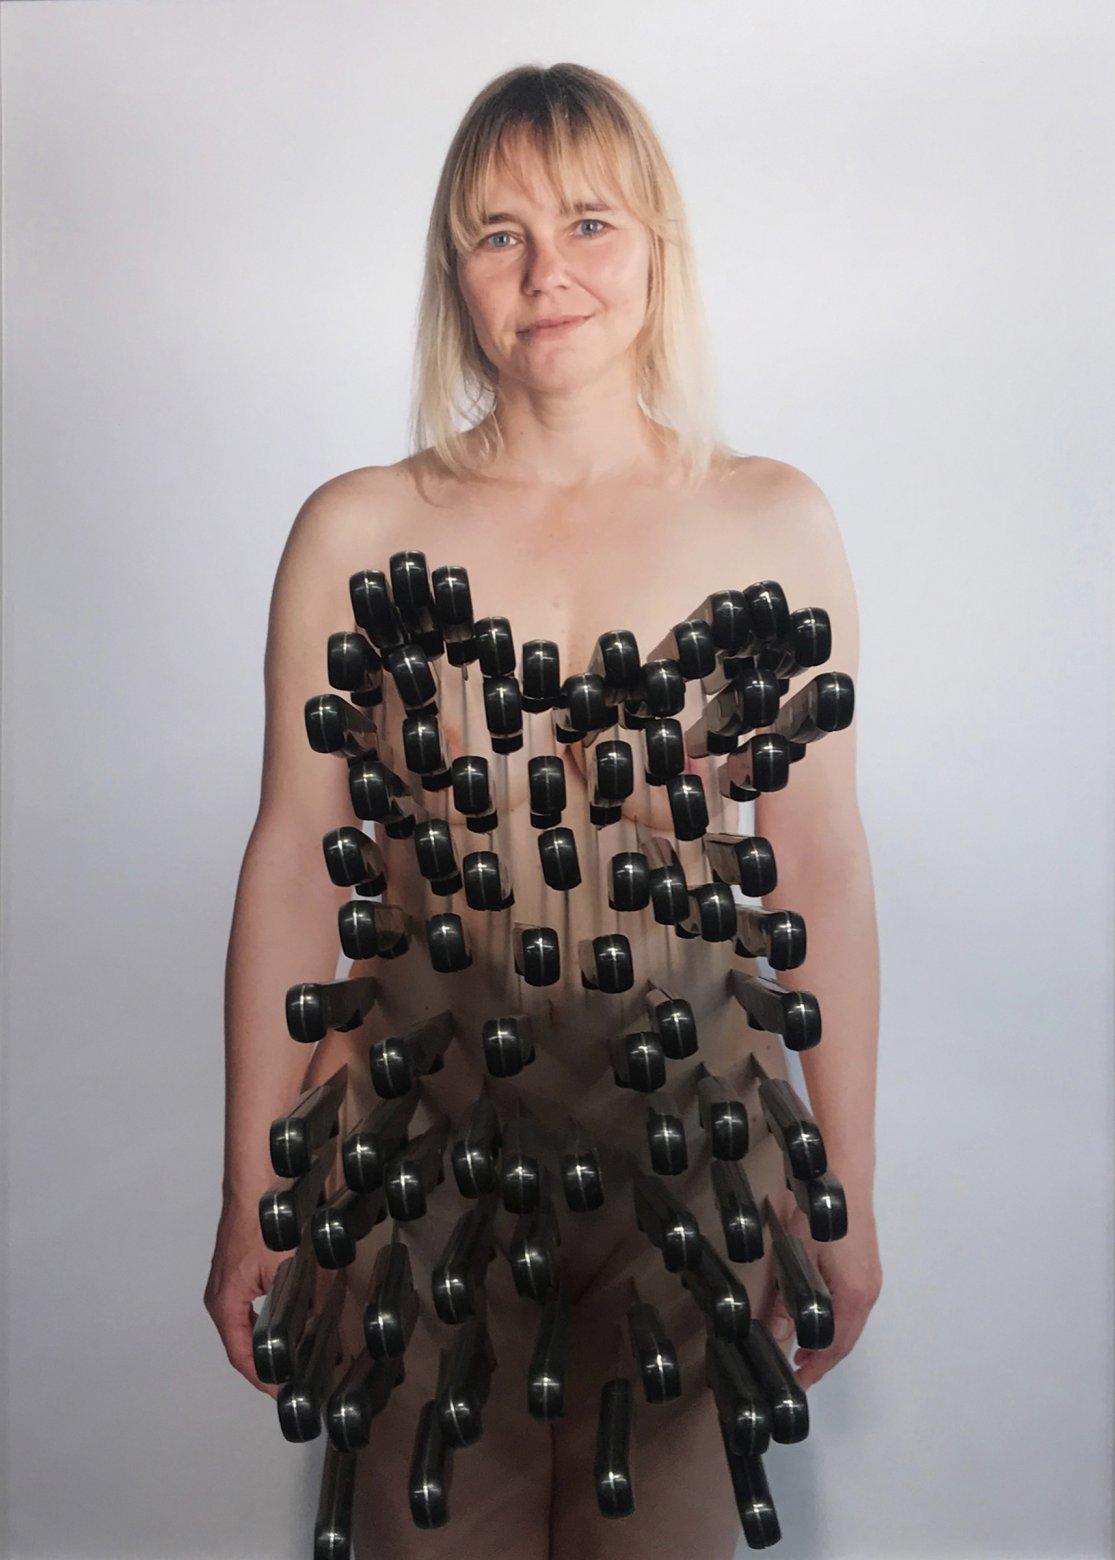 S/T (fotografía con cuchillos clavados) (2019) - Claudia Frau